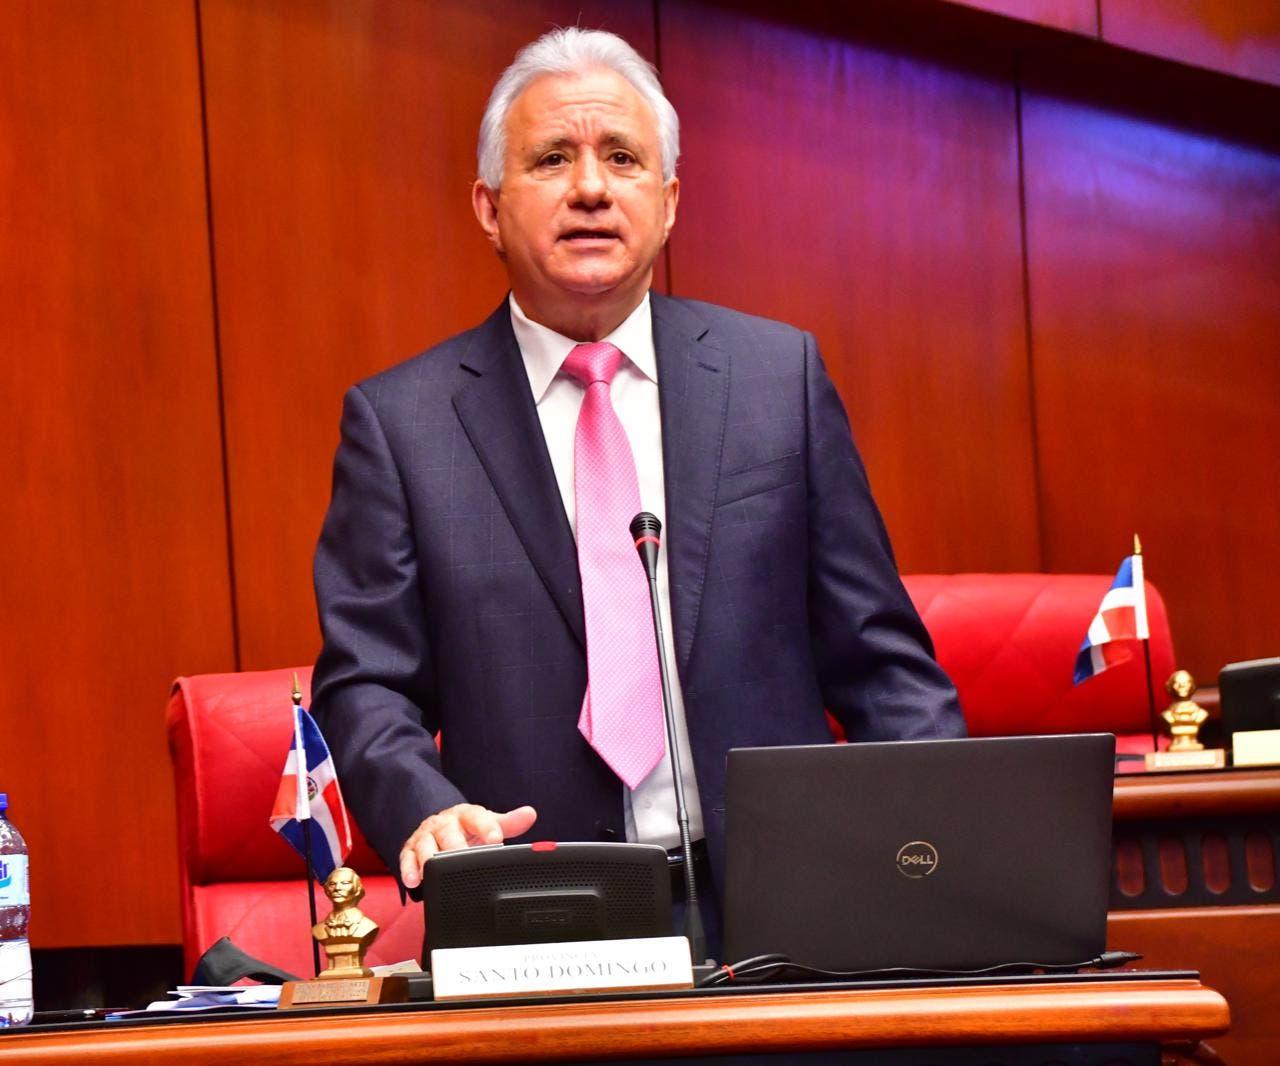 Antonio Taveras: Confiamos que esta Cámara de Cuentas sí dará respuestas al pueblo dominicano